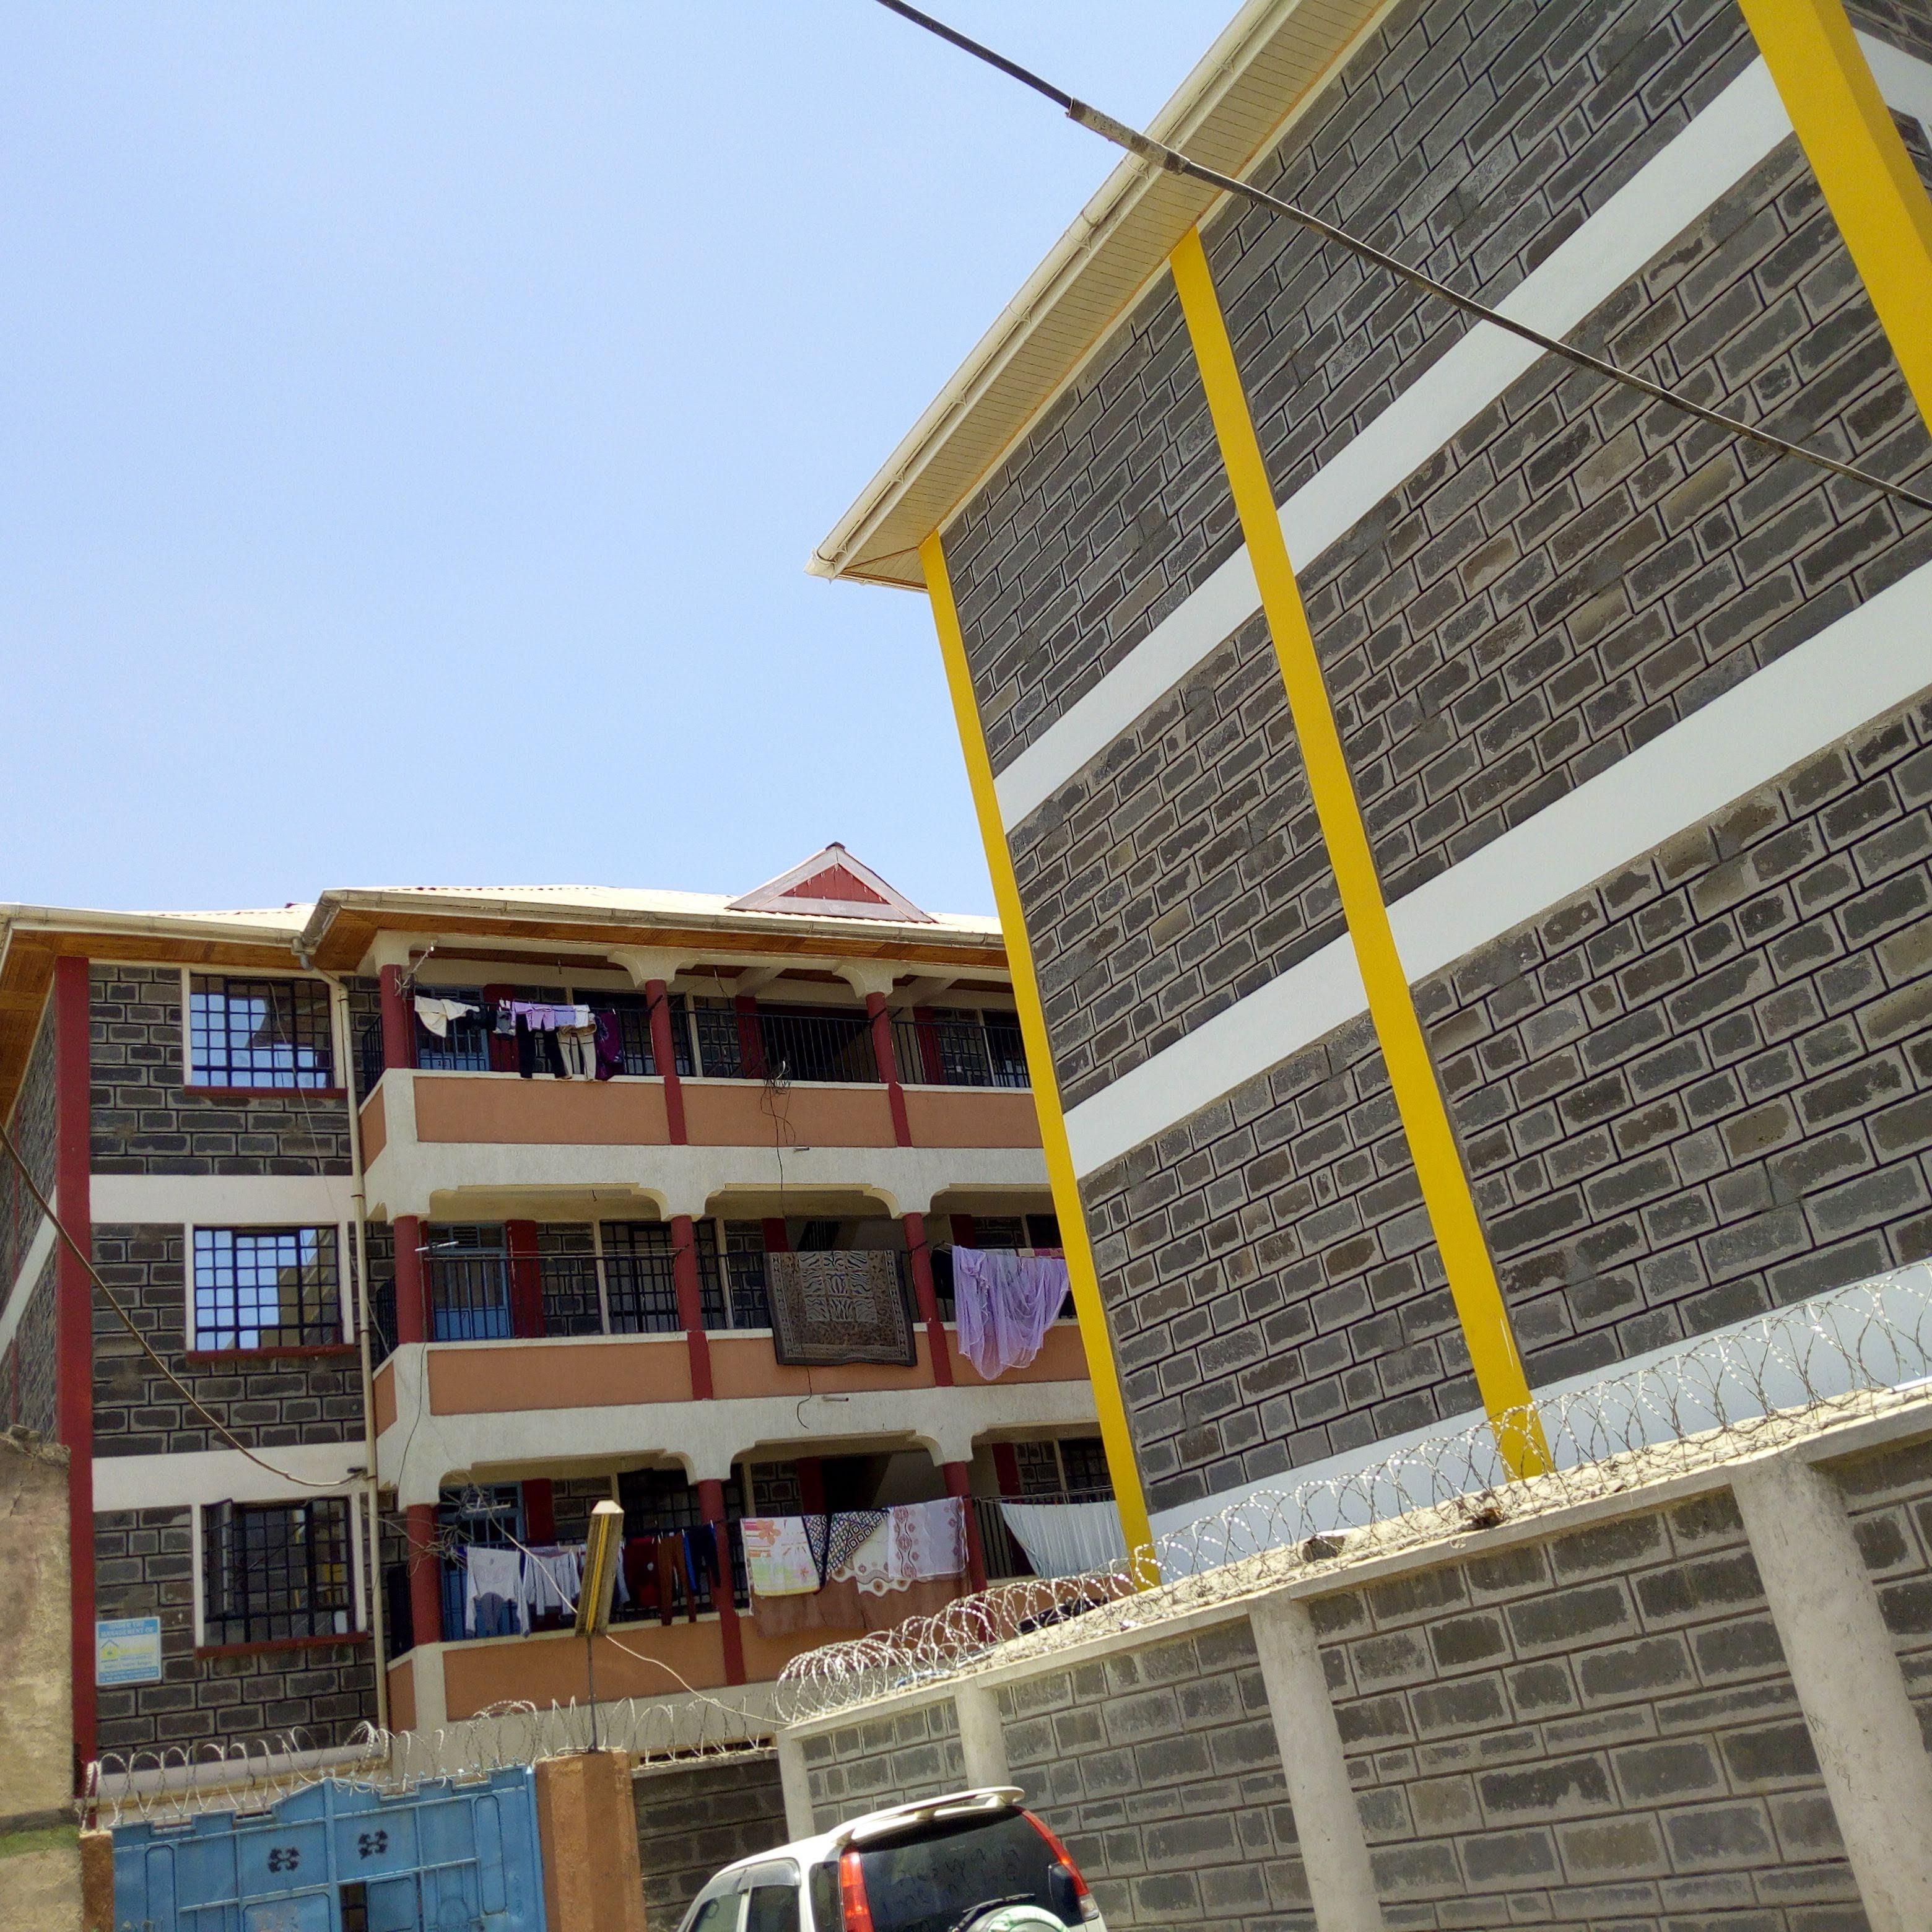 Gilanis Apartment block.